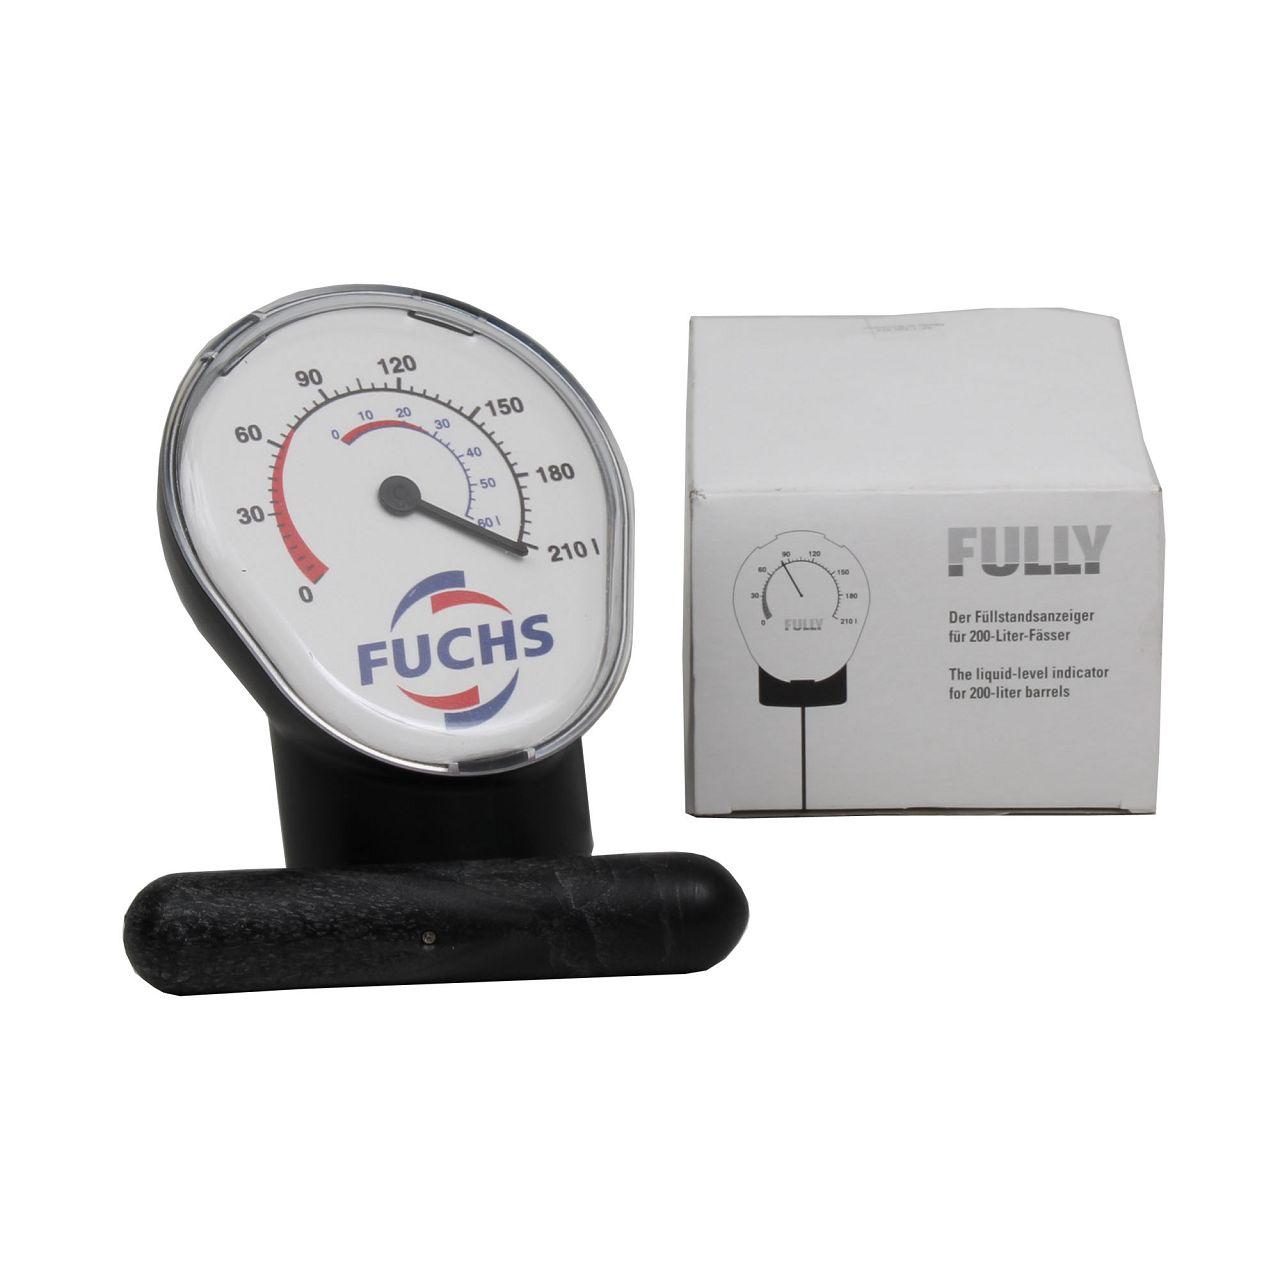 FUCHS 800226402 Füllstandsanzeige für 60 und 200 Liter Fässer Ölfass